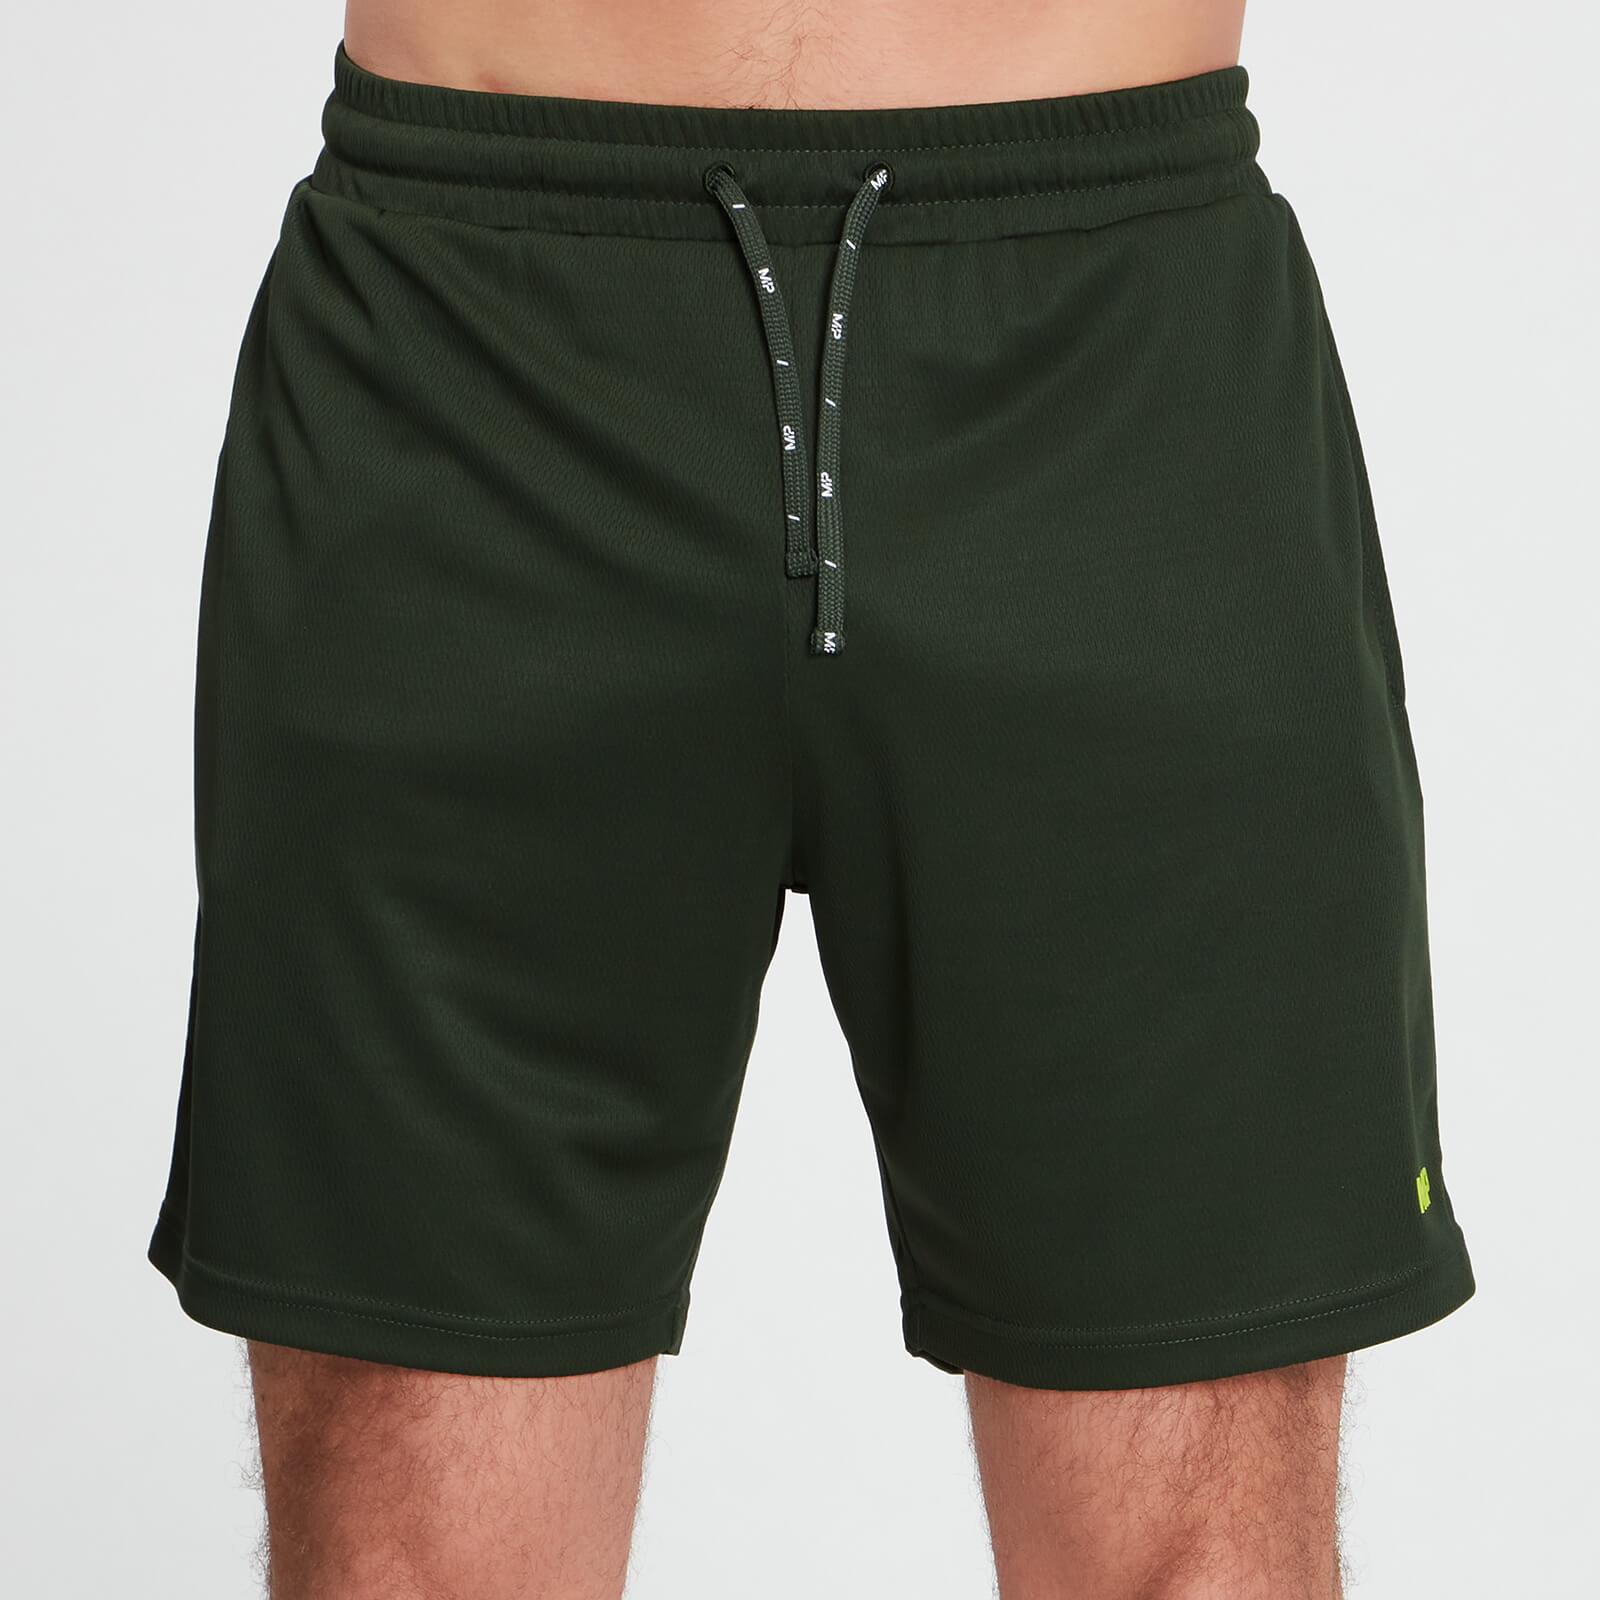 MP Men's Graphic Training Short - Dark Green - XXL, Myprotein International  - купить со скидкой